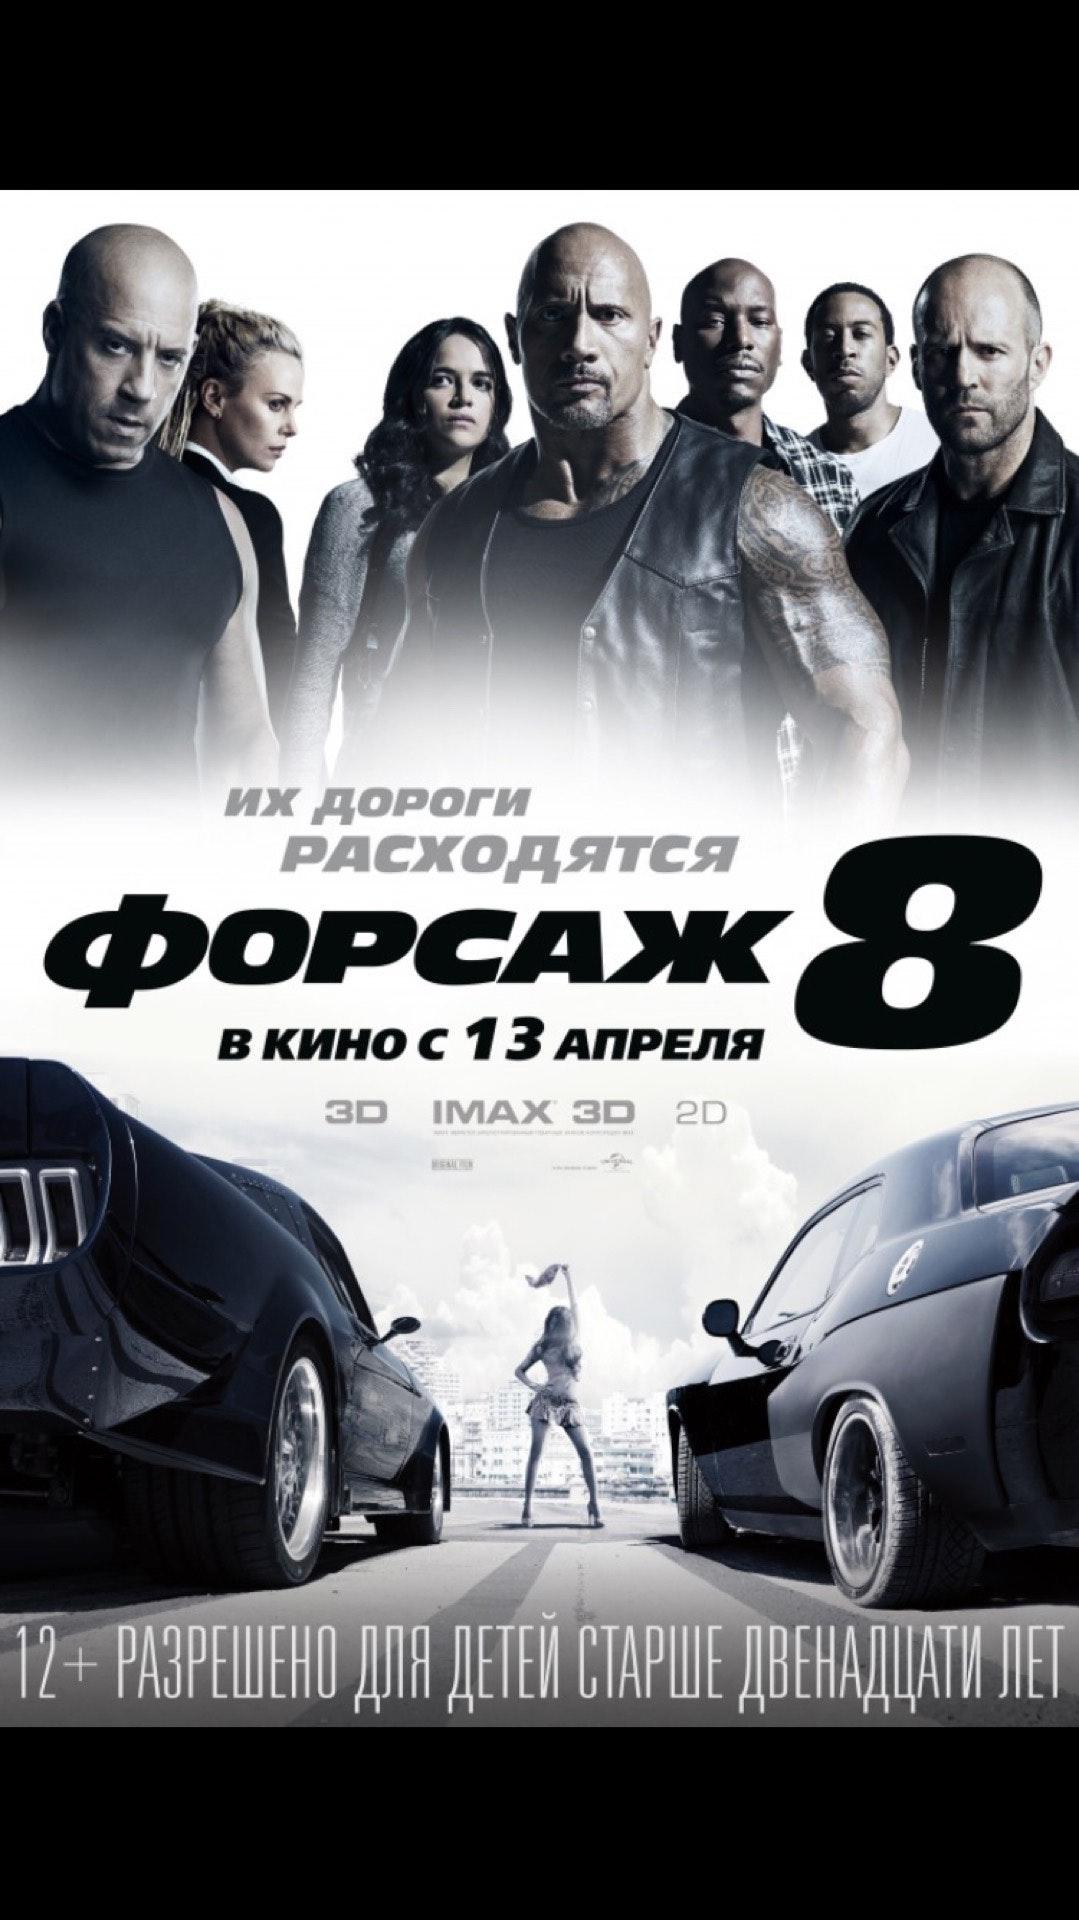 Смотреть фильмы онлайн бесплатно на newkinonet